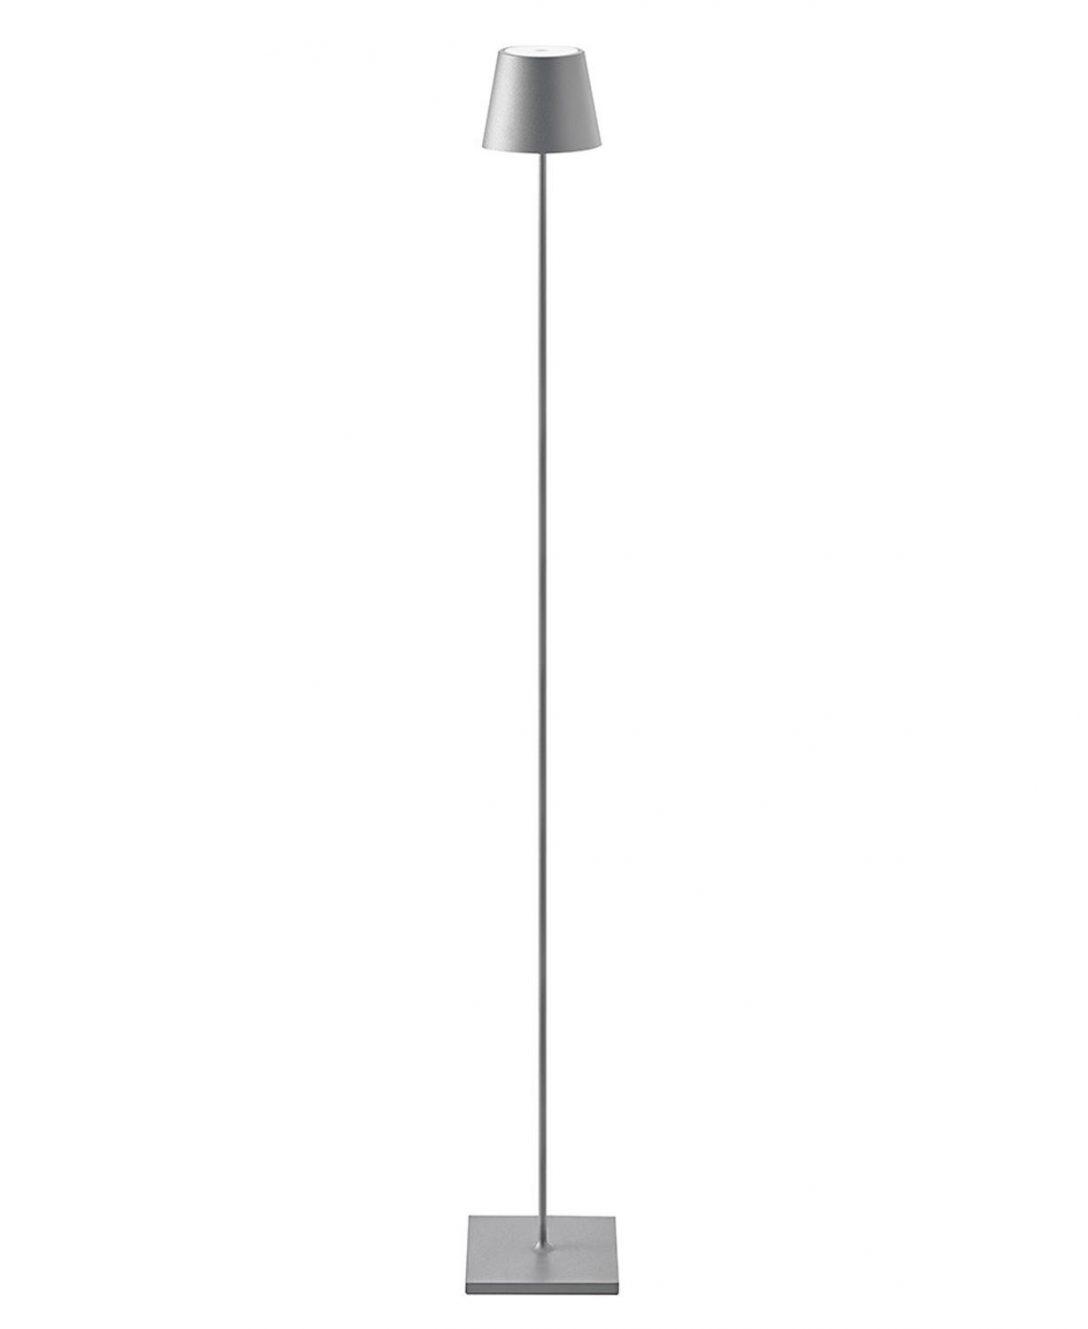 Large Size of Stehlampe Dimmbar Sigor Nuinakku Stehleuchten Wohnzimmer Stehlampen Schlafzimmer Wohnzimmer Stehlampe Dimmbar